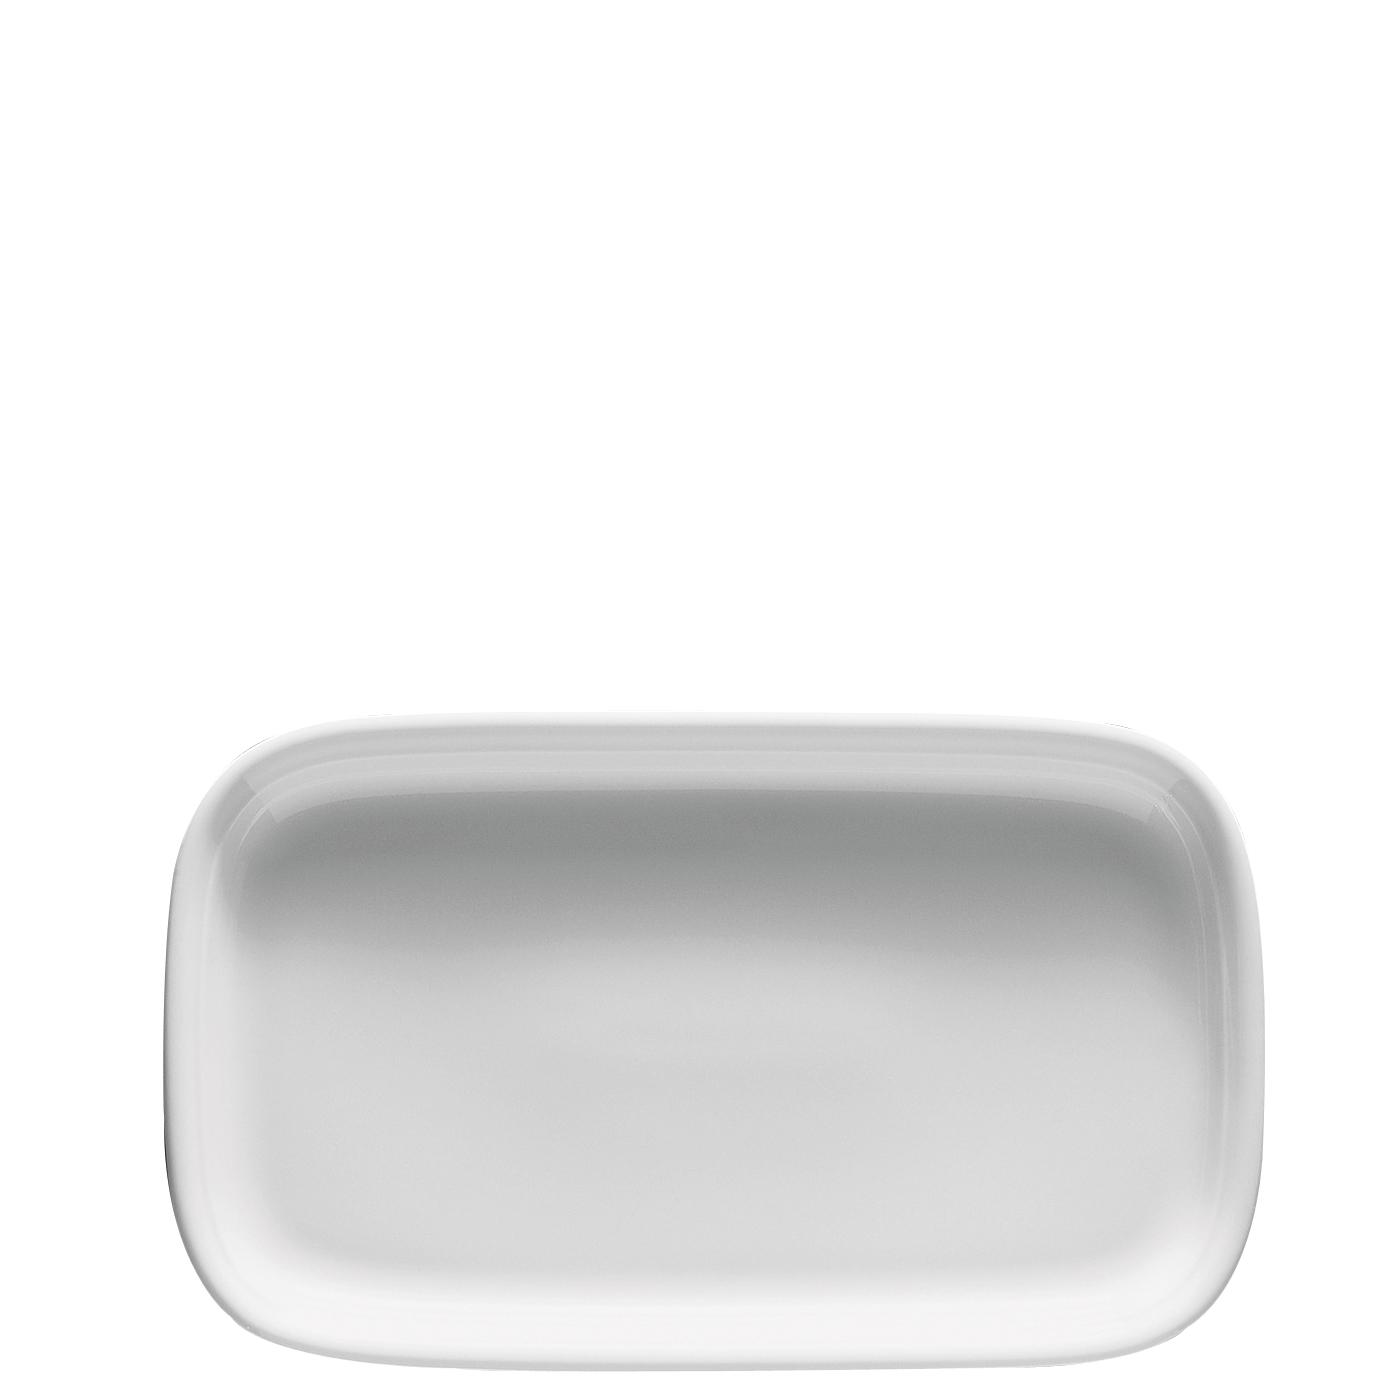 Milch-/Zucker-Tablett Trend Weiss Thomas Porzellan